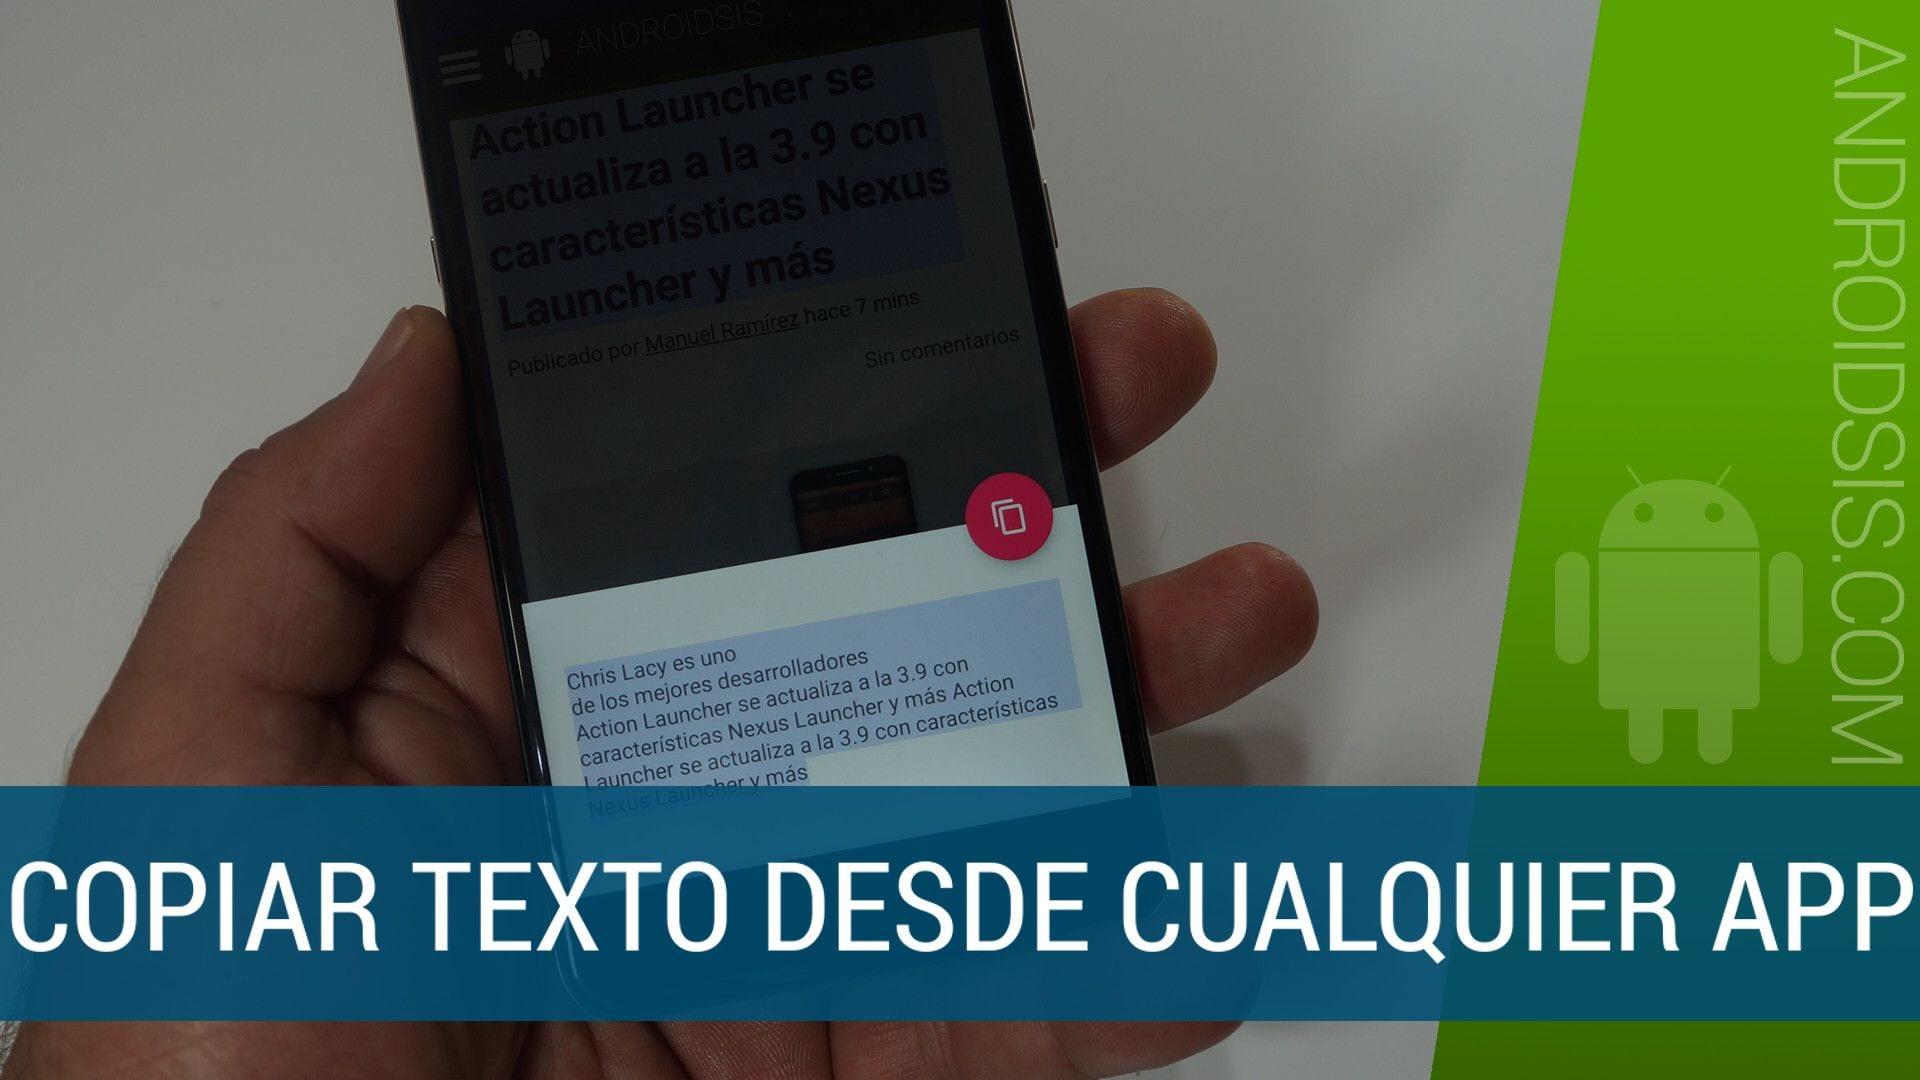 Copiar texto Android desde cualquiuer aplicación